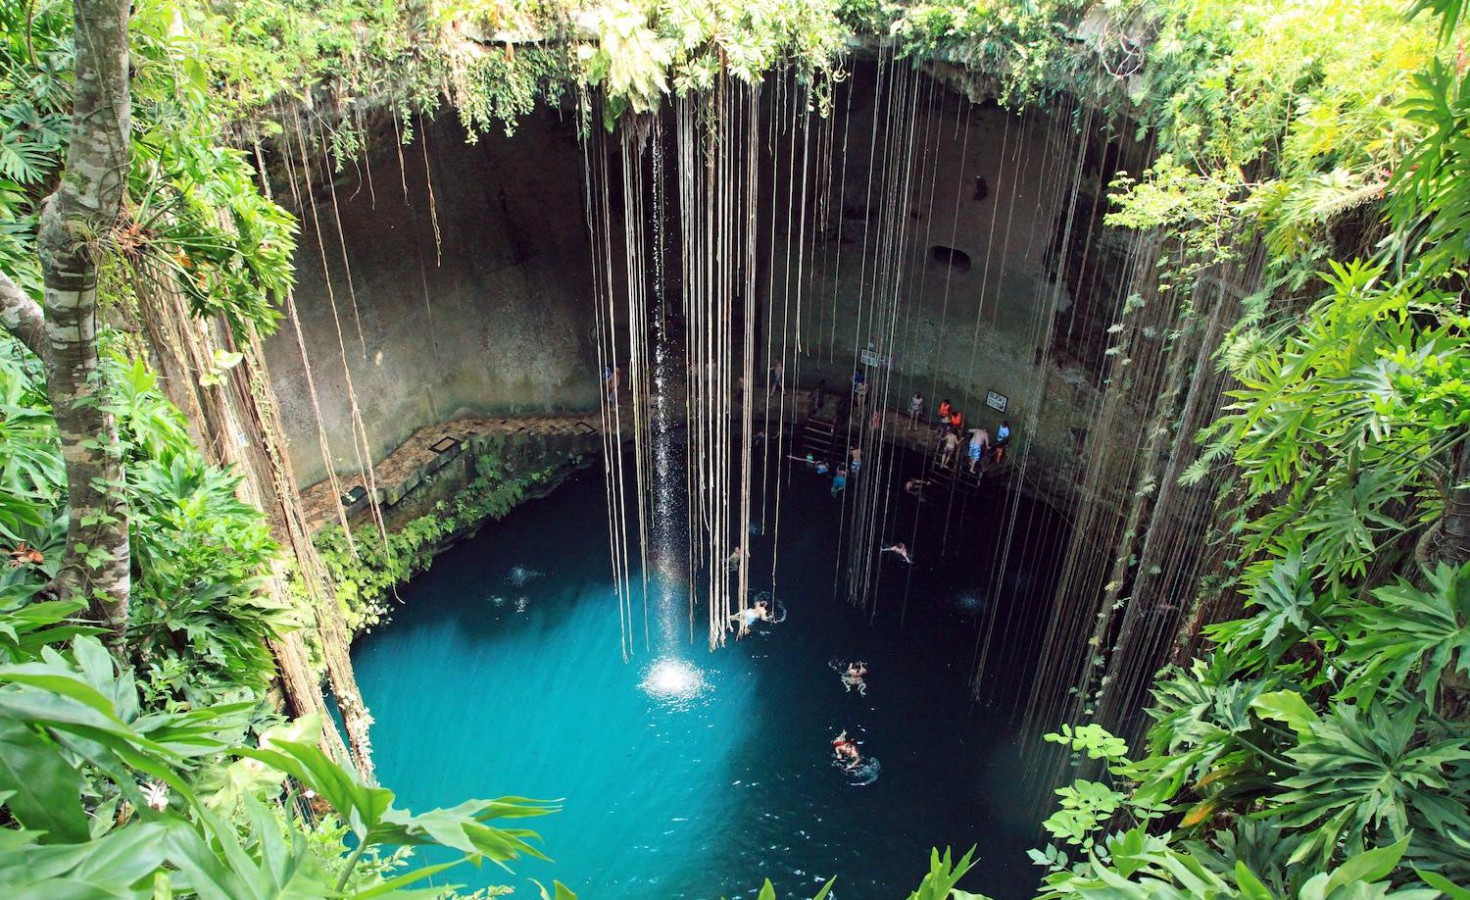 Excursiones-en-riviera-maya-cenote-ik-kil-1470x900.jpg